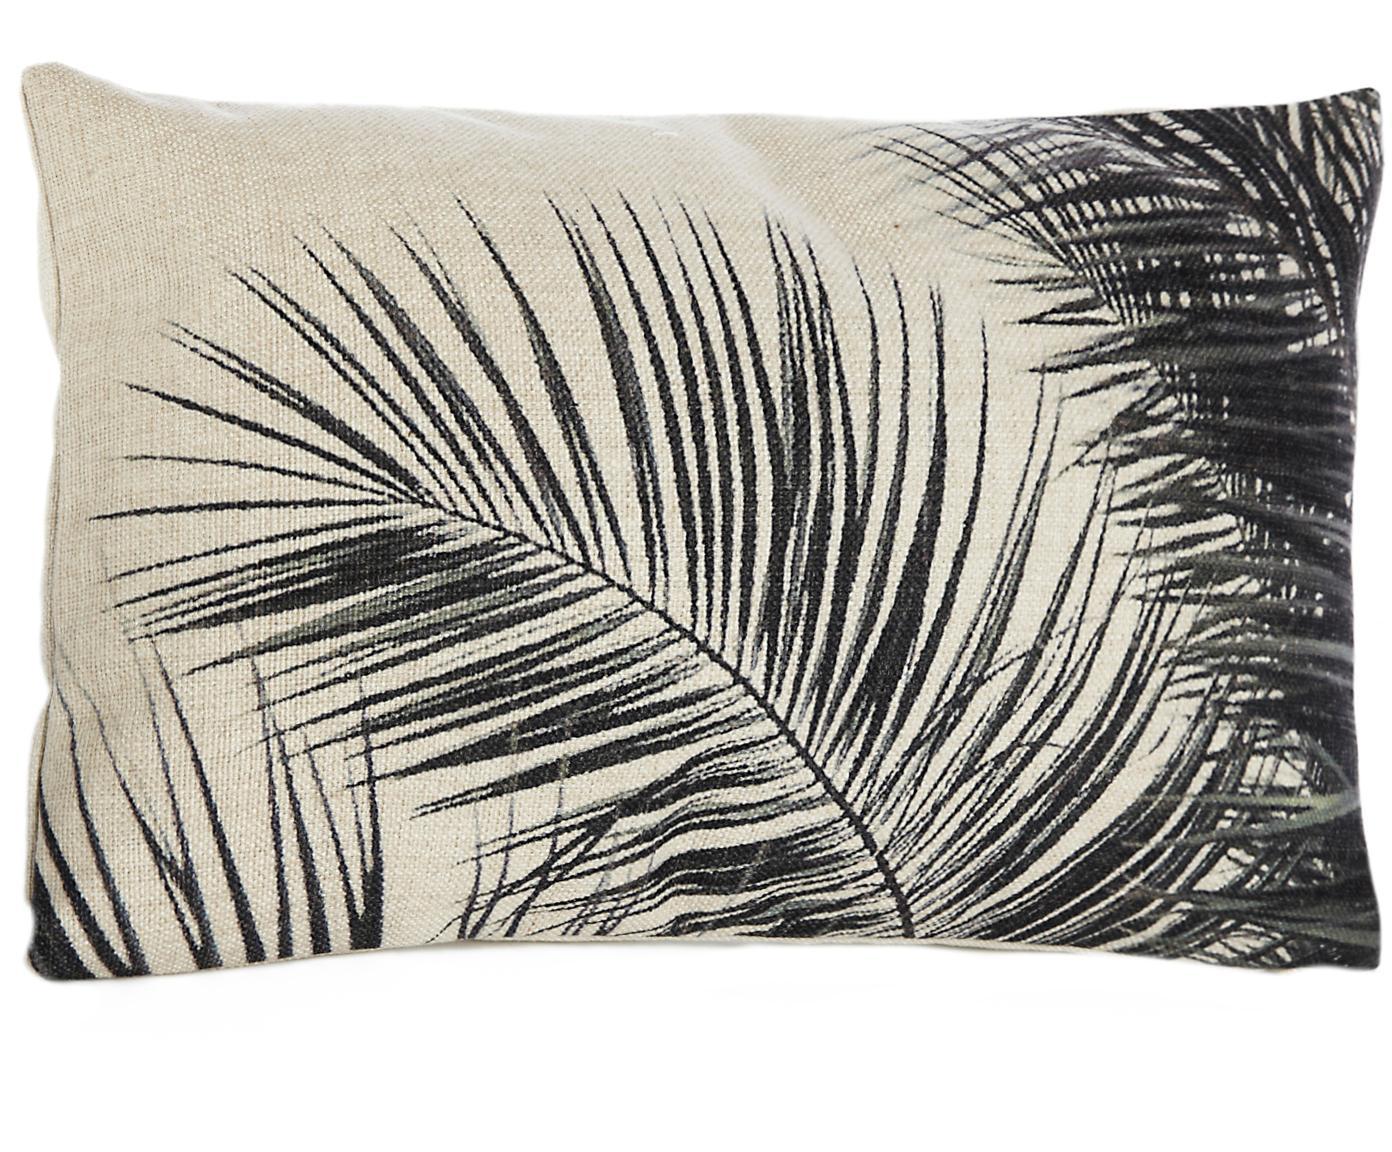 Poszewka na poduszkę Pesja, 85% poliester, 15% bawełna, Kremowy, czarny, S 30 x D 50 cm